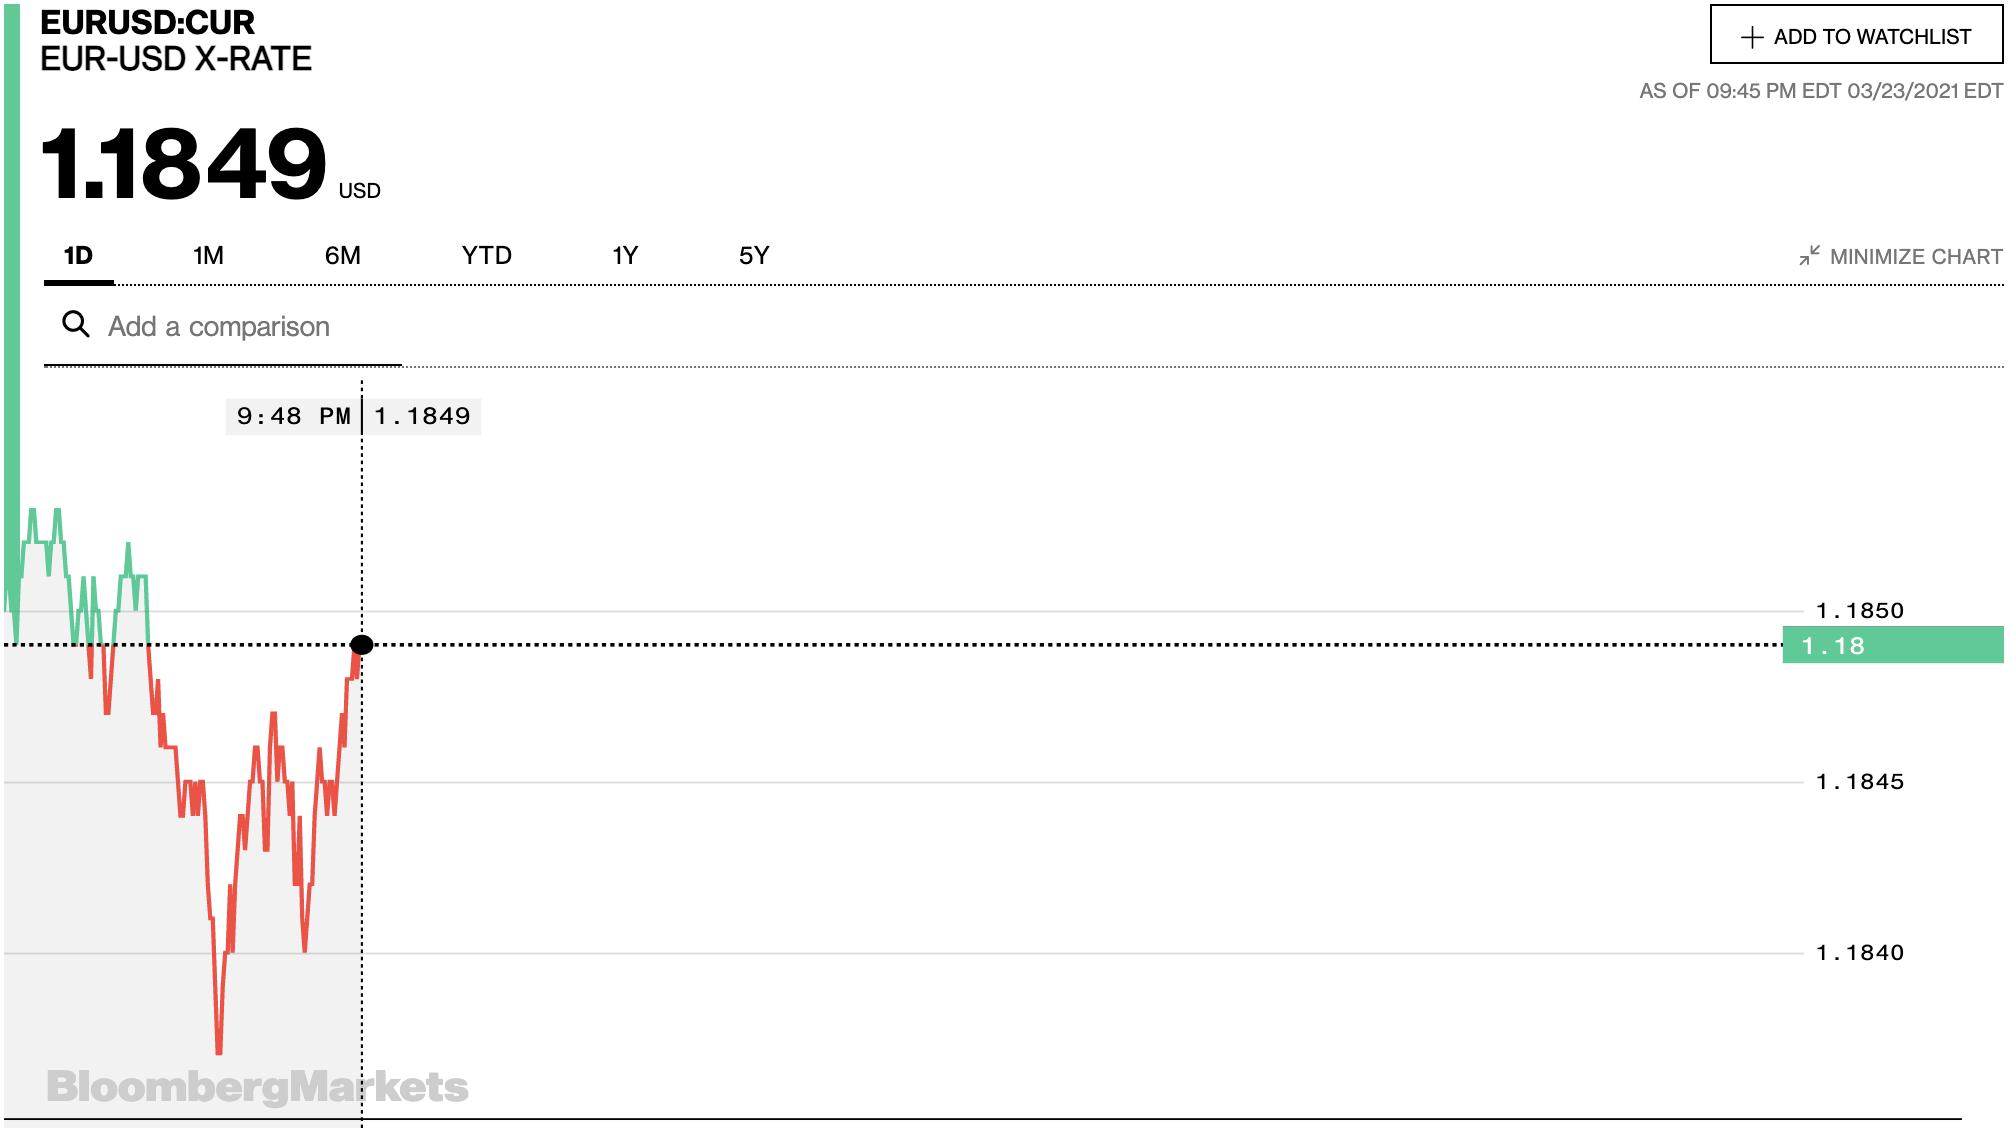 Tỷ giá euro hôm nay 24/3: Giảm đồng loạt tại các ngân hàng trong nước - Ảnh 2.